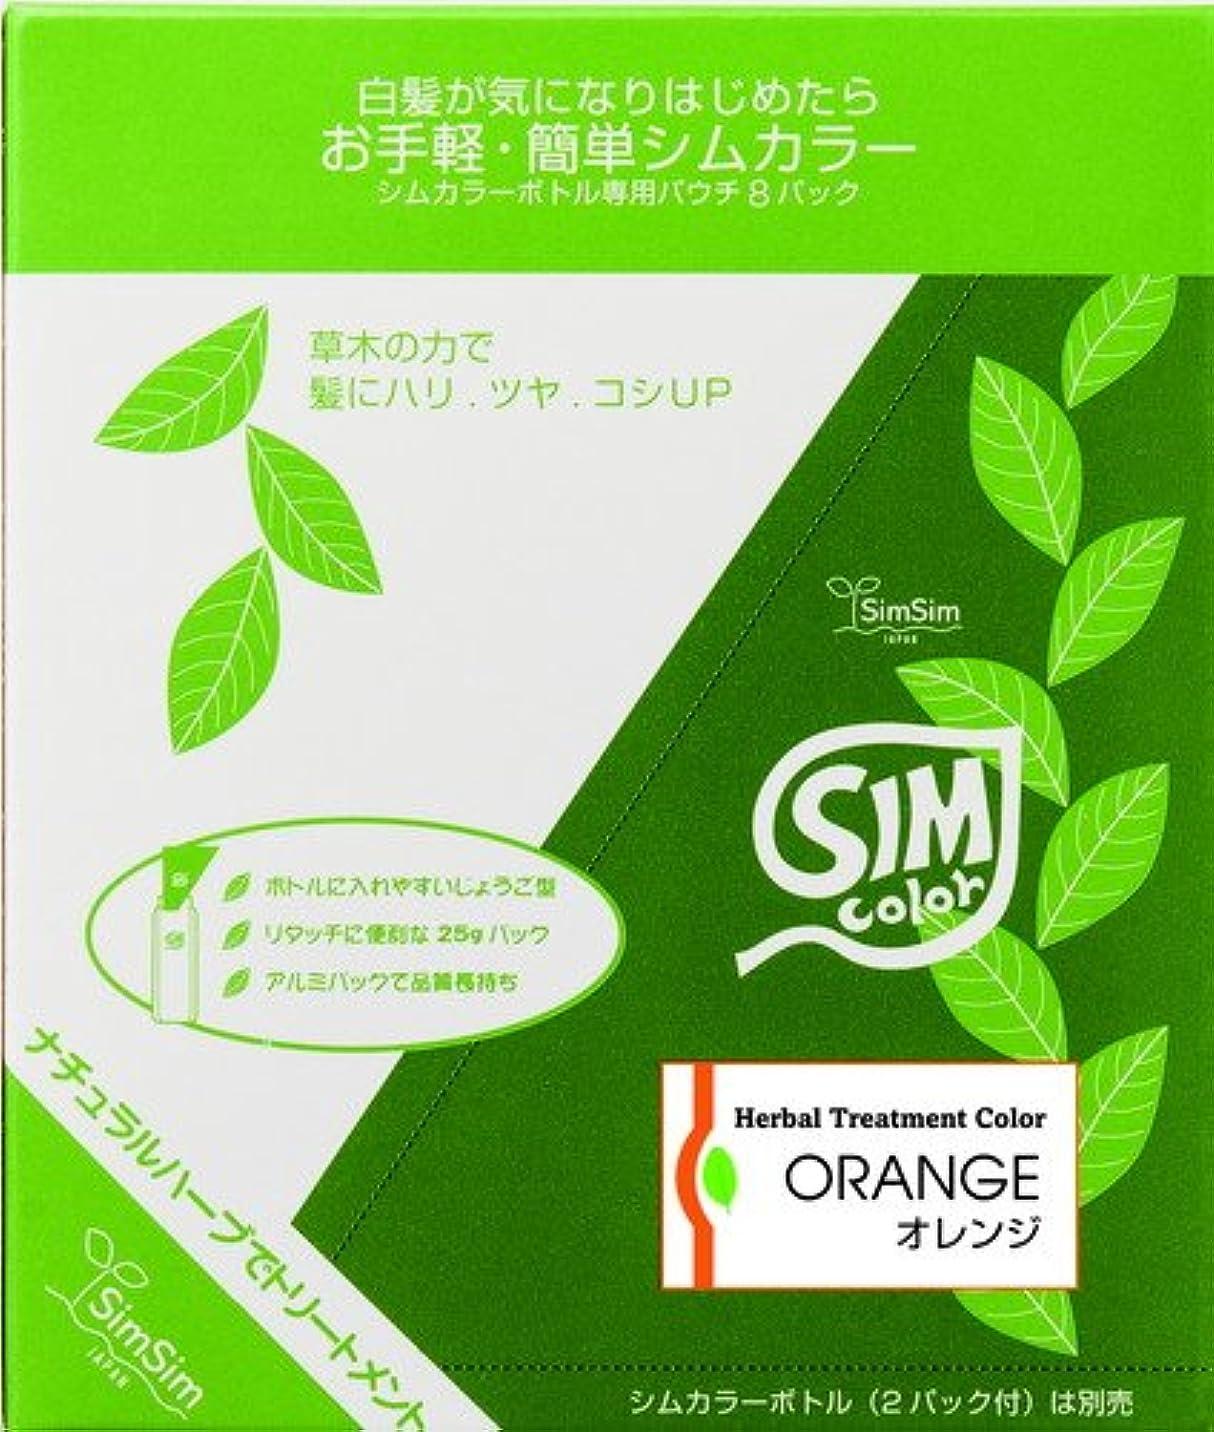 SimSim(シムシム)お手軽簡単シムカラーエクストラ(EX)25g 8袋 オレンジ